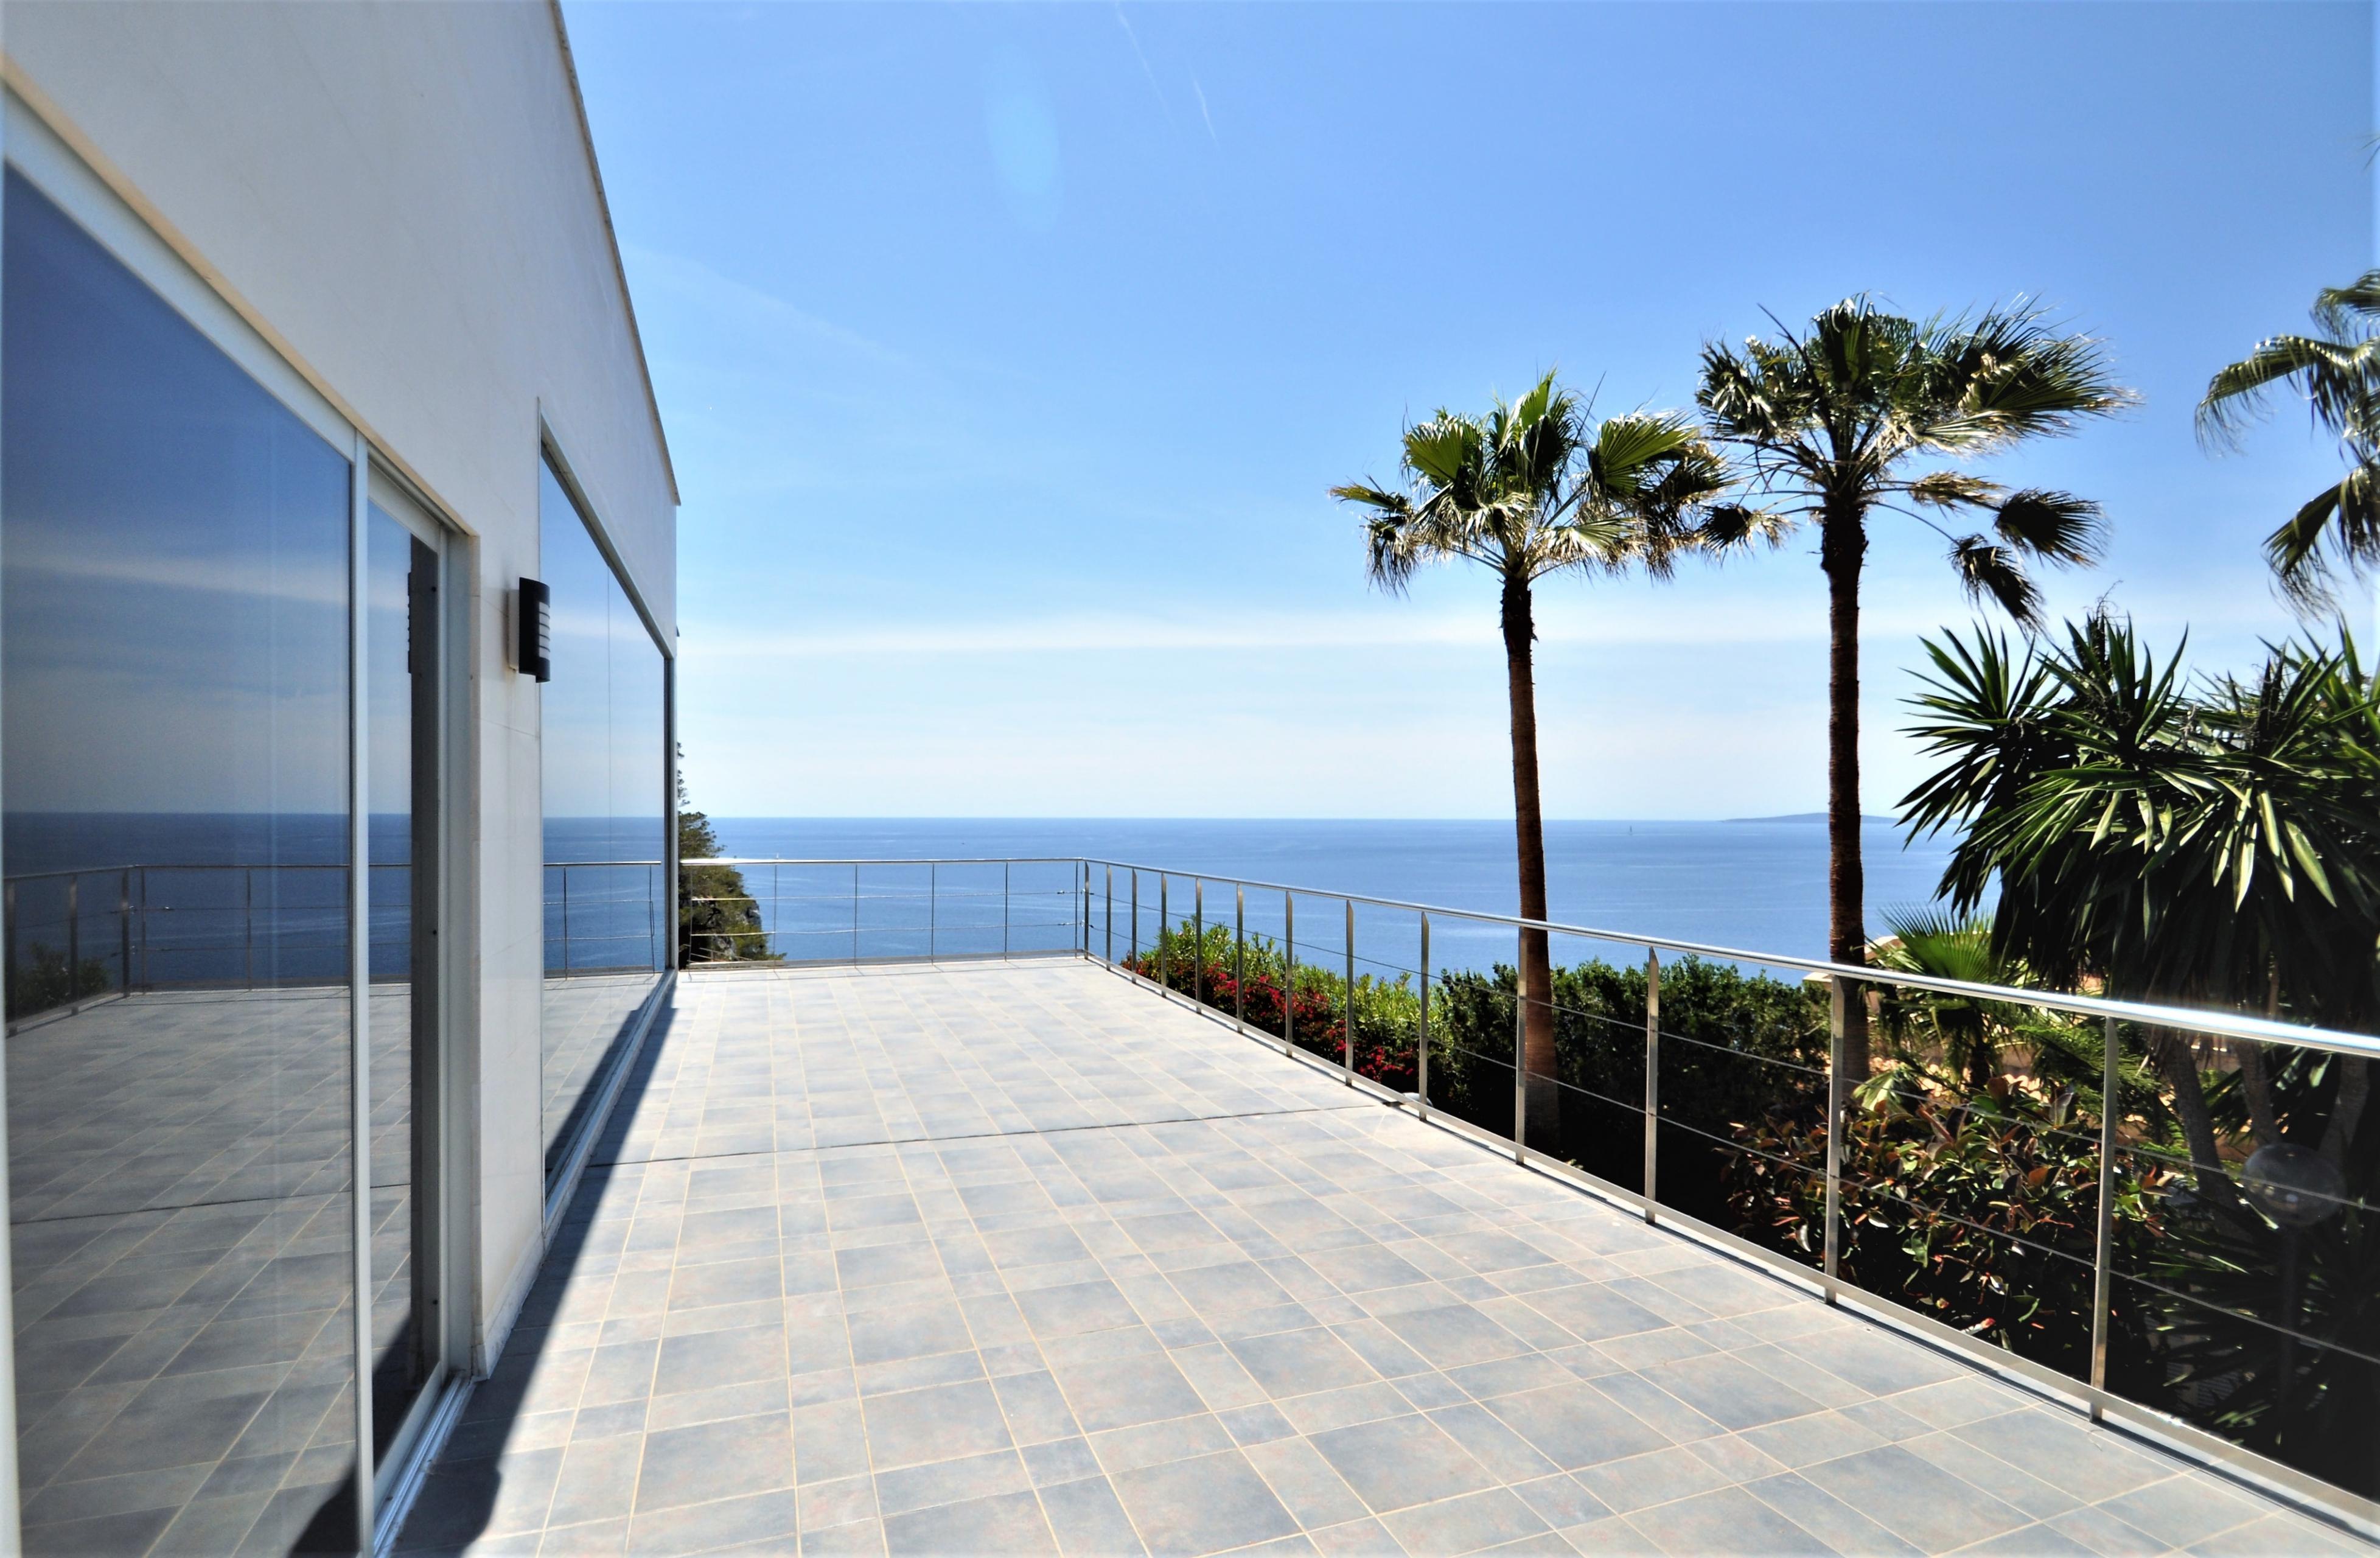 Maison de vacances VILLA BAY BLUE- Bahia Azul- Mallorca - VILLAONLINE - Kostenloses WLAN (2684052), Bahia Azul, Majorque, Iles Baléares, Espagne, image 50